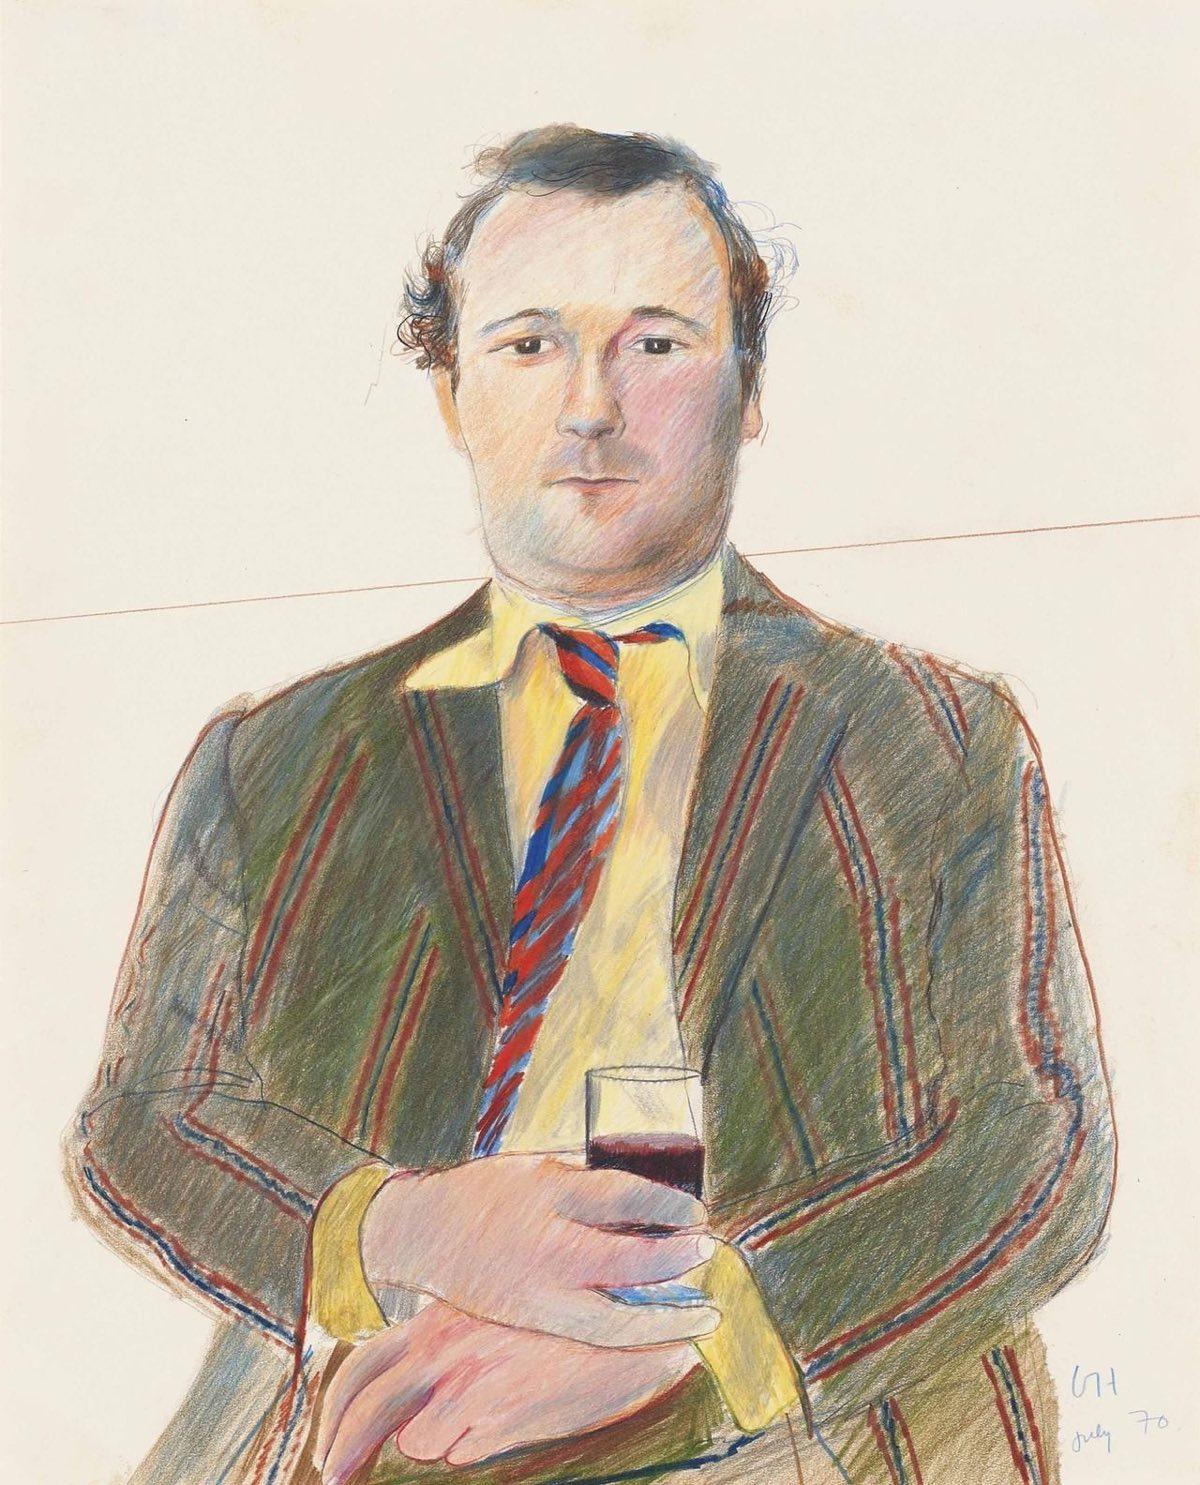 Retrato de Peter Langan con una copa de vino (1970), de David Hockney